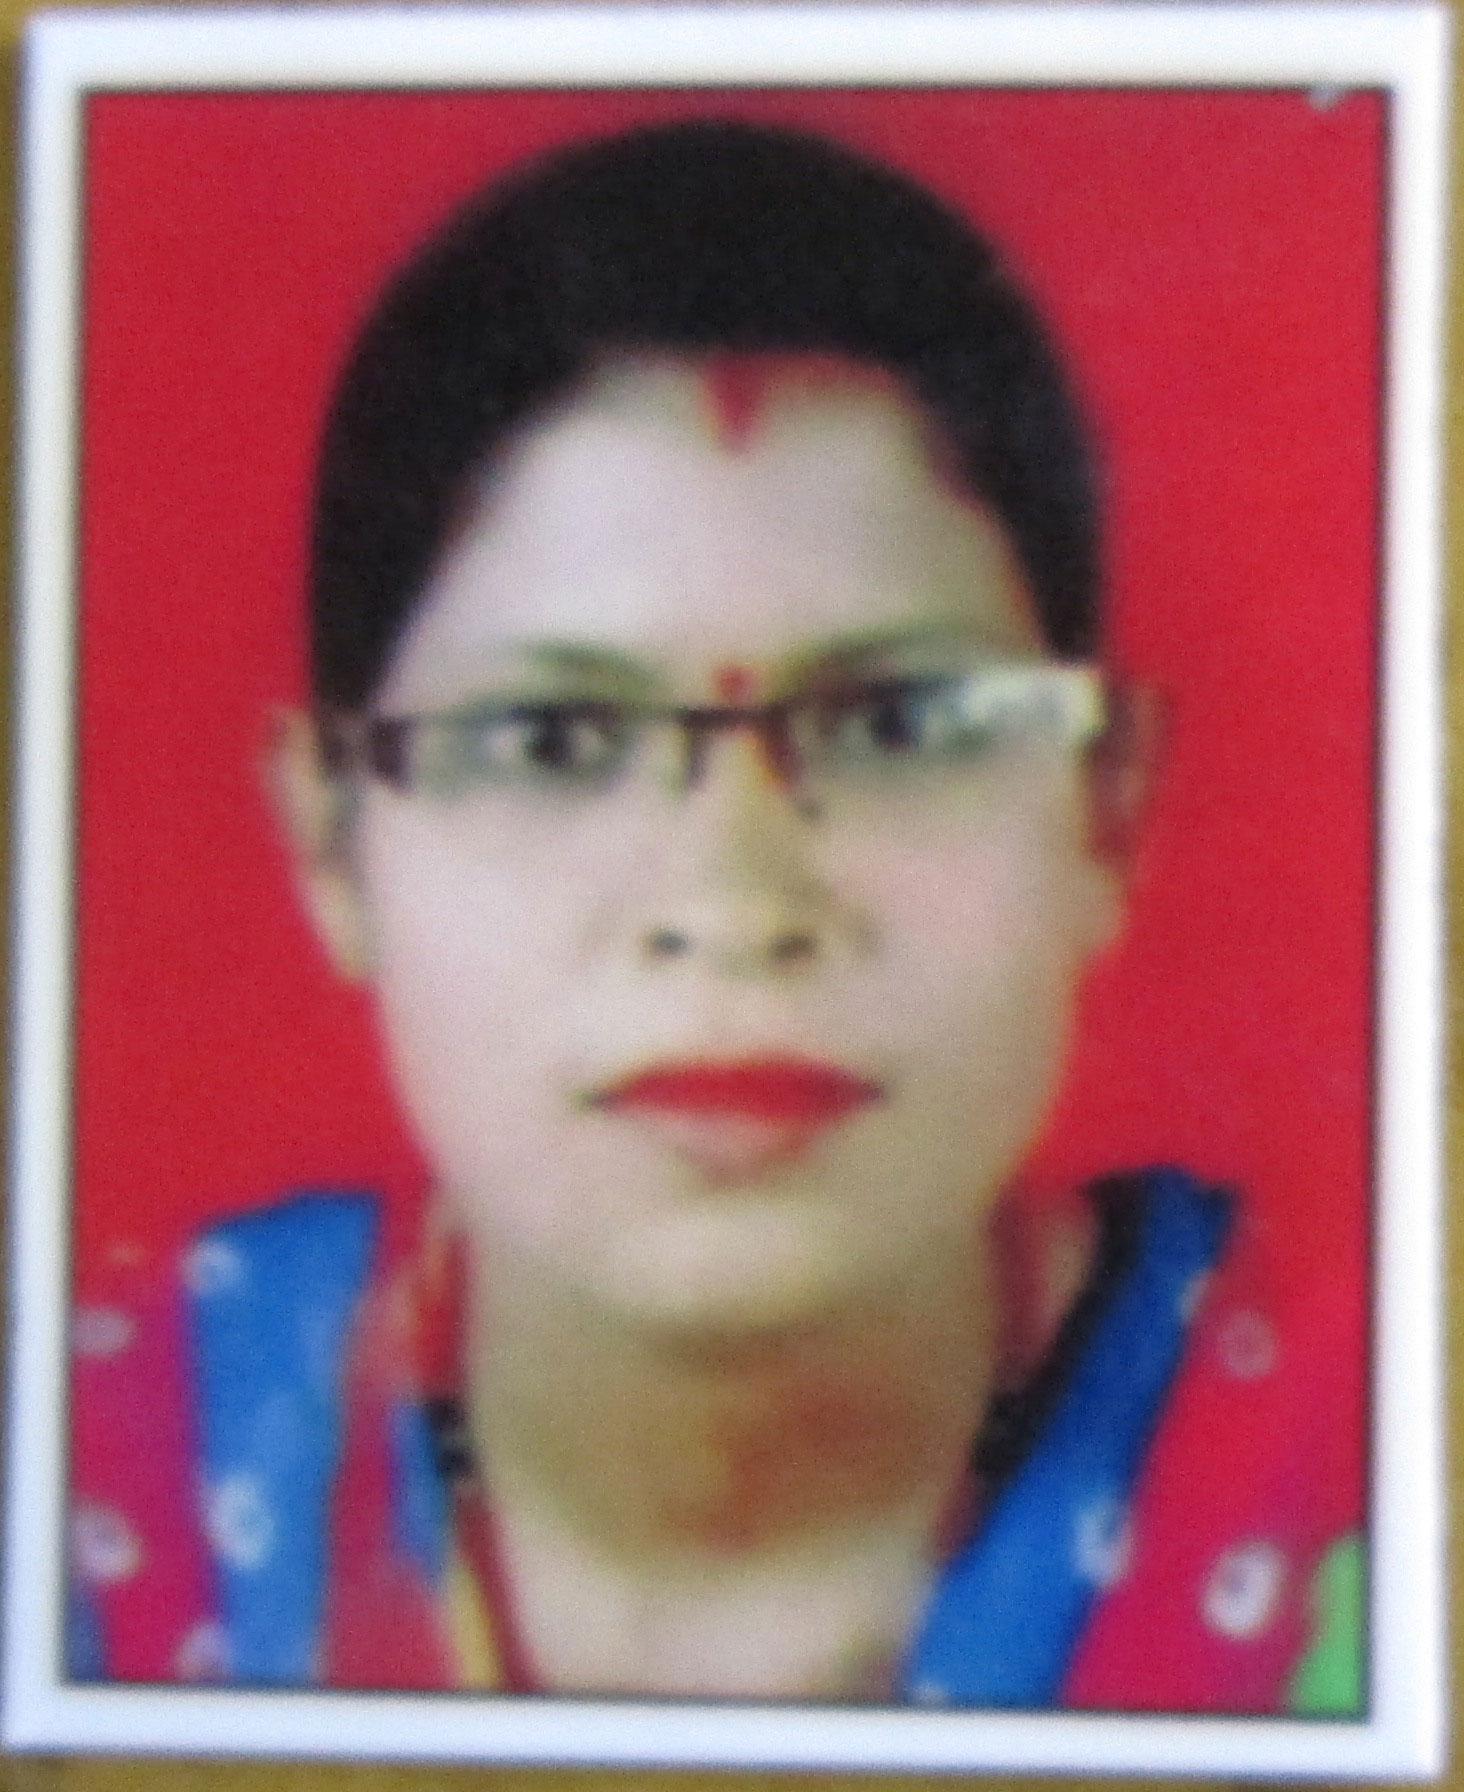 Mr. Laxmi Nepali